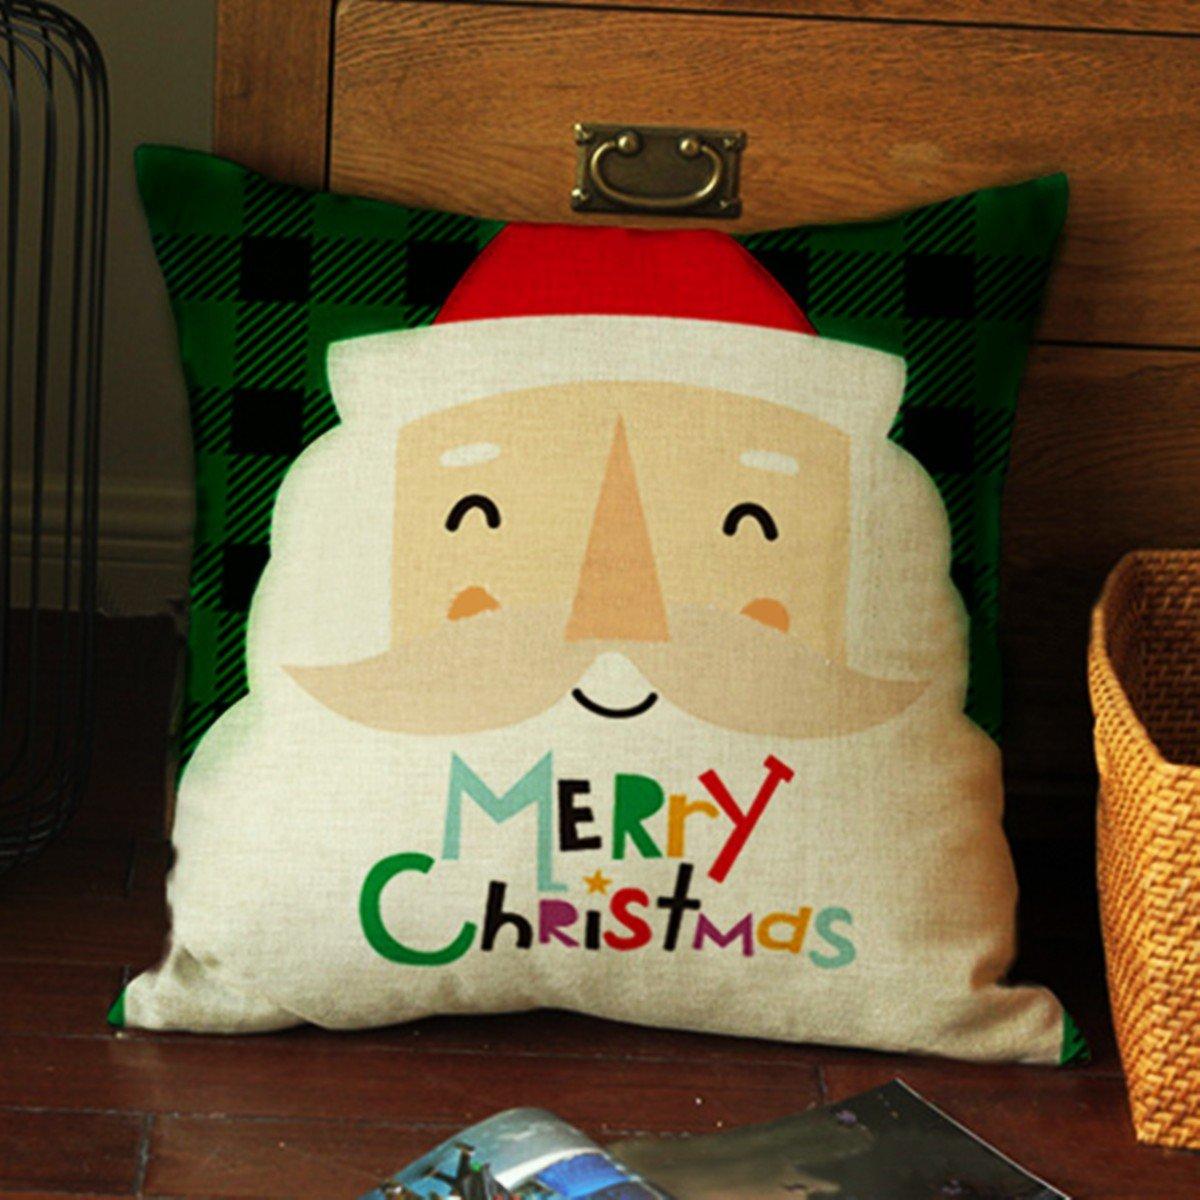 क्रिसमस लिनन कॉटन थ्रो पिलो केस होम सोफा कार स्क्वायर कुशन कवर